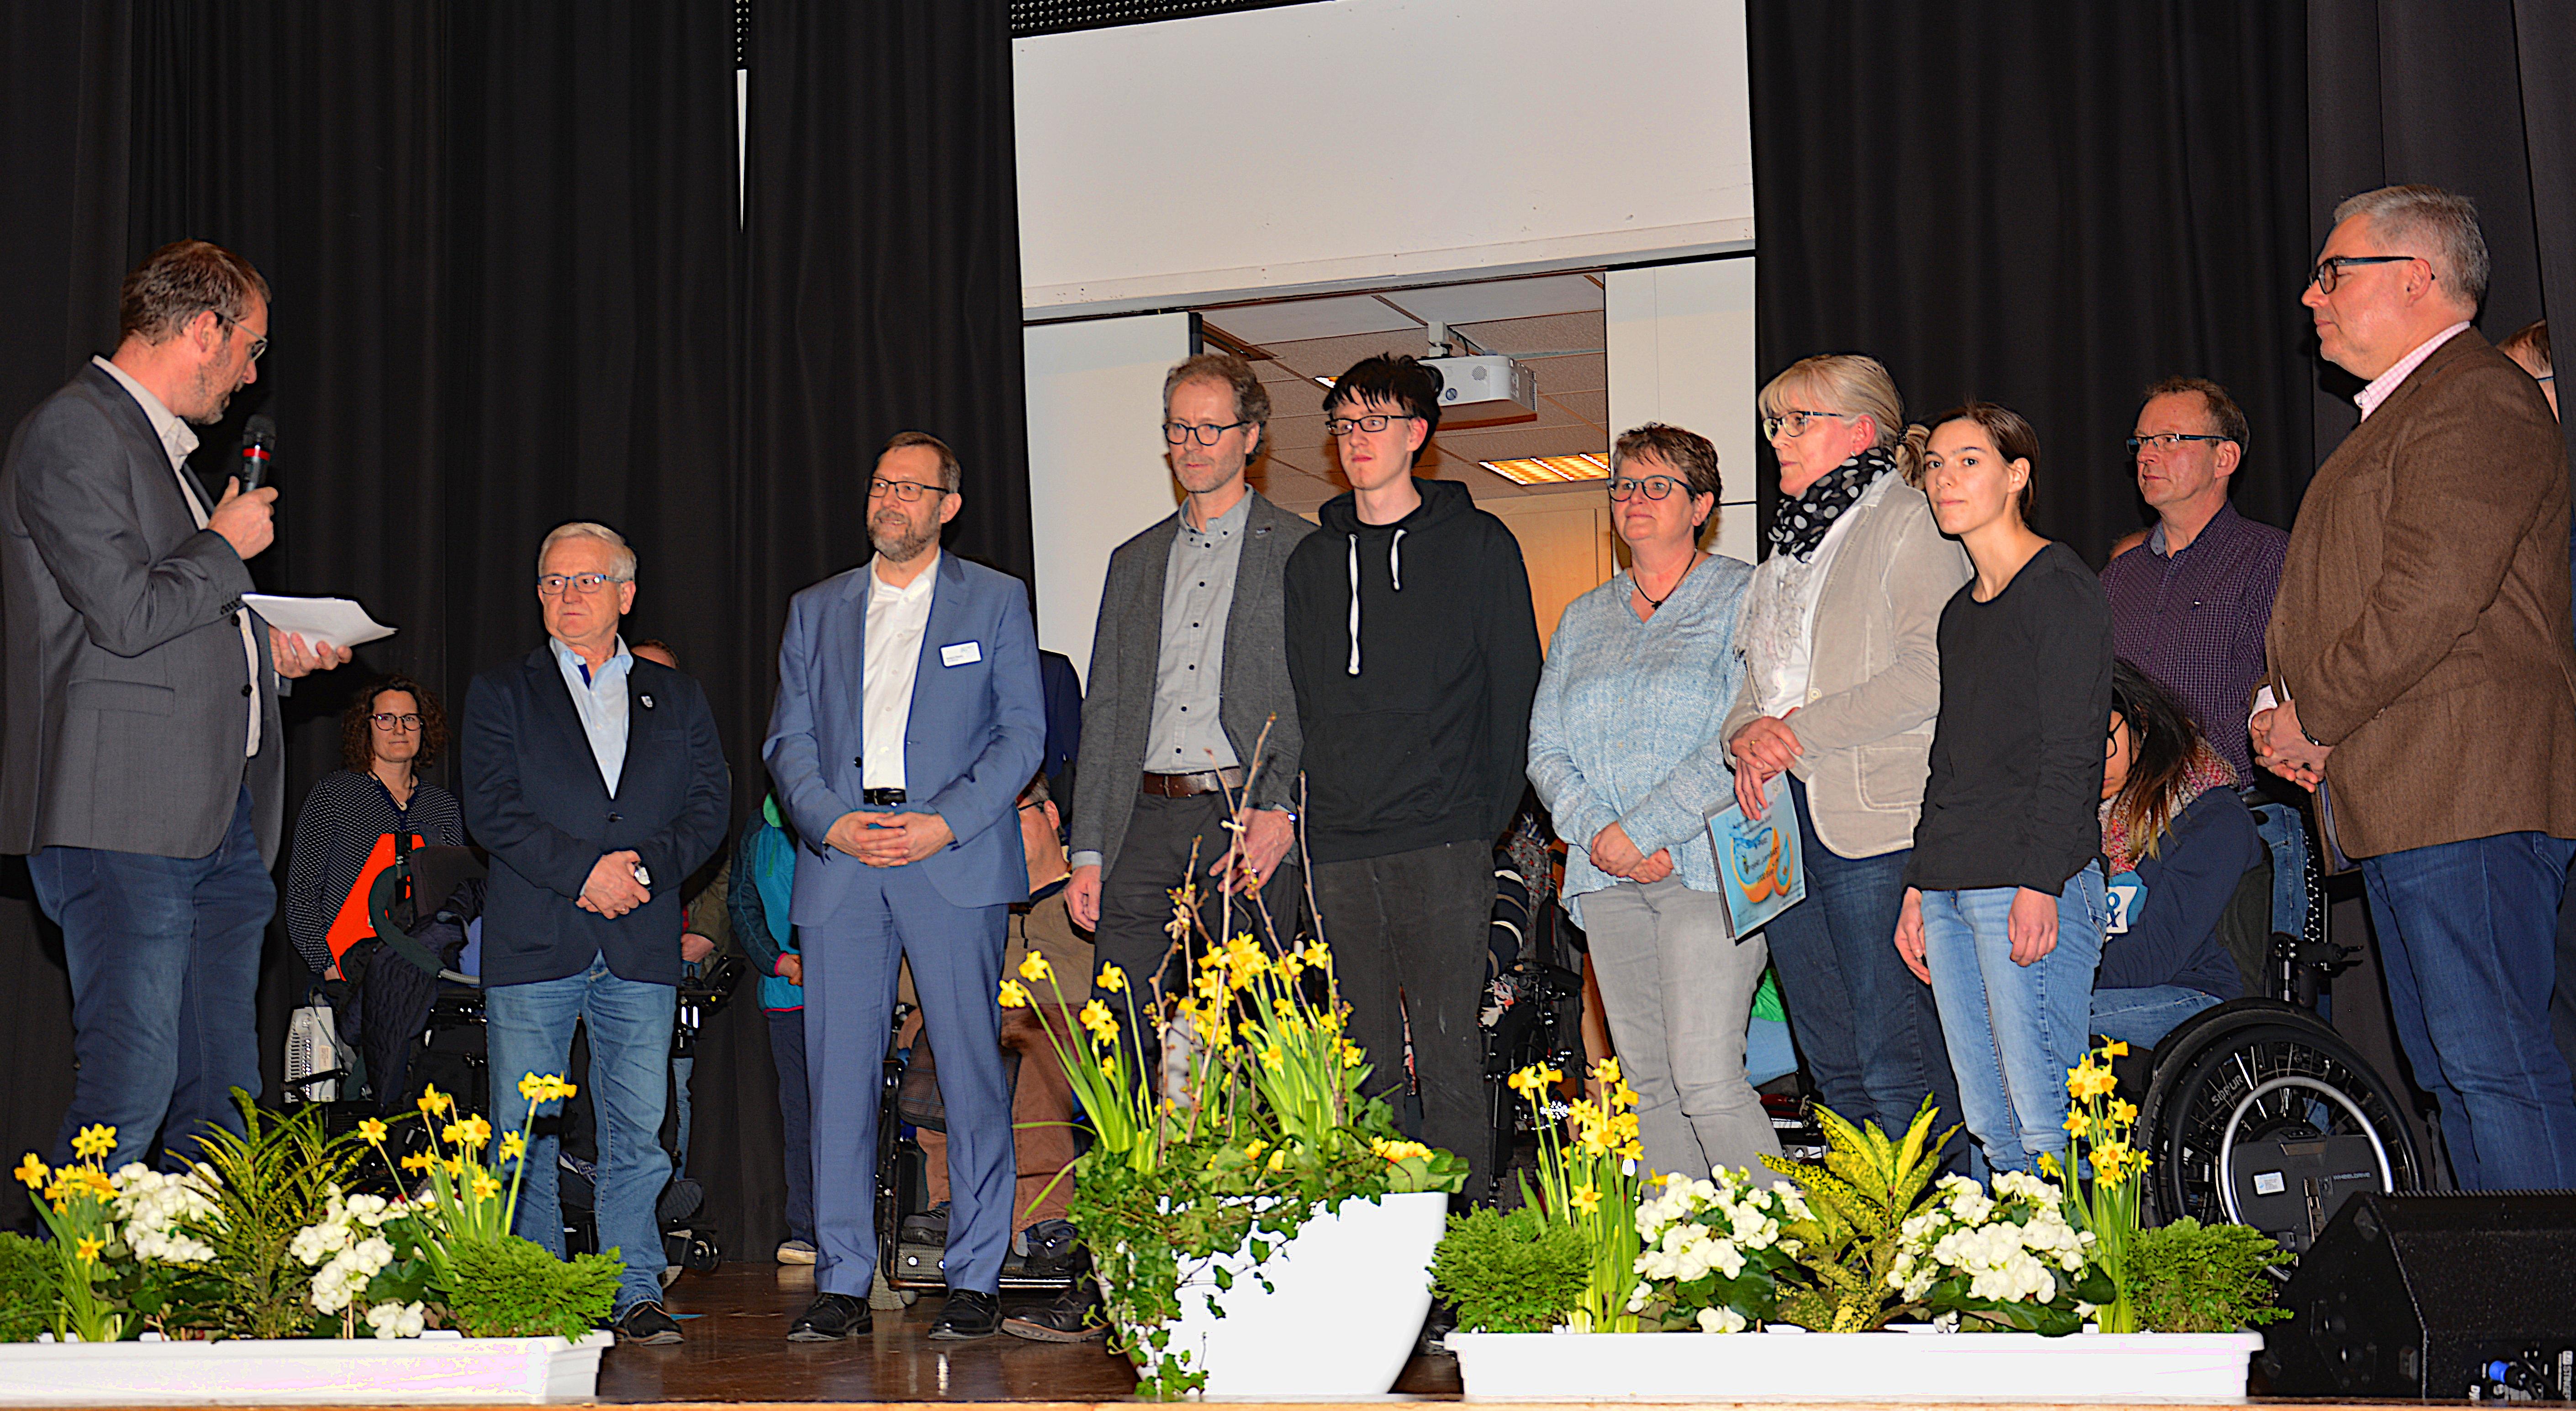 Innovationspreis 2019 für das Projekt LernBAR